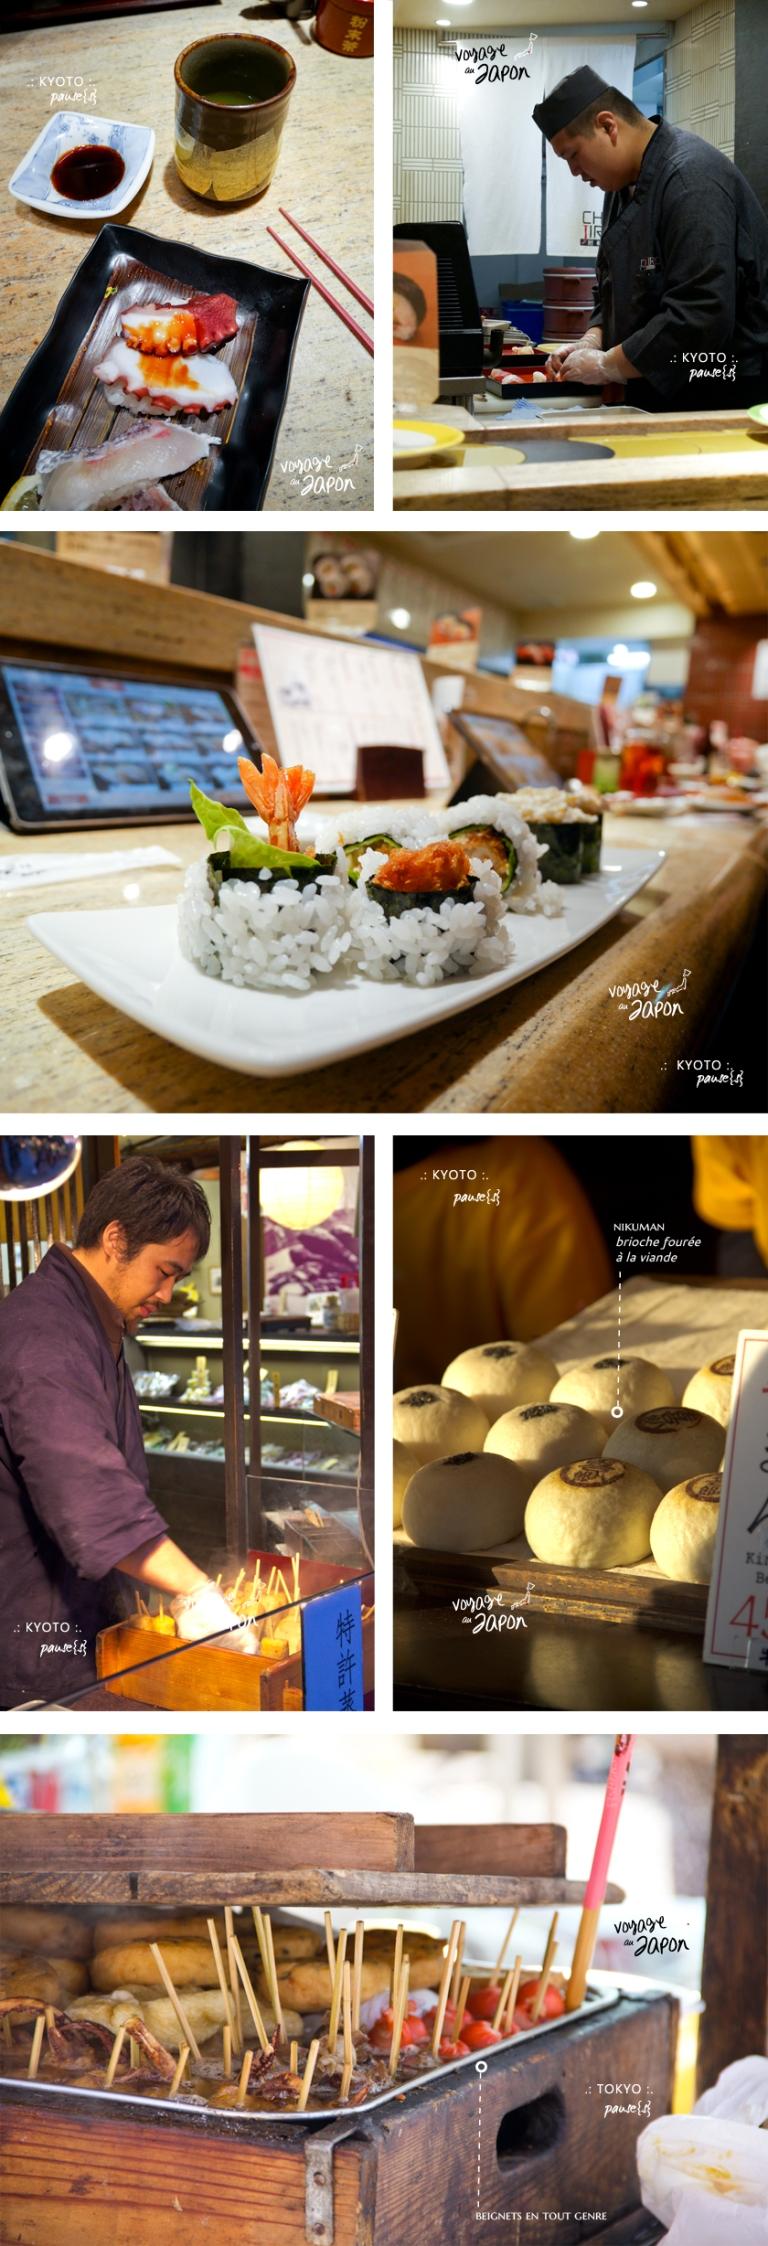 japanfood-6